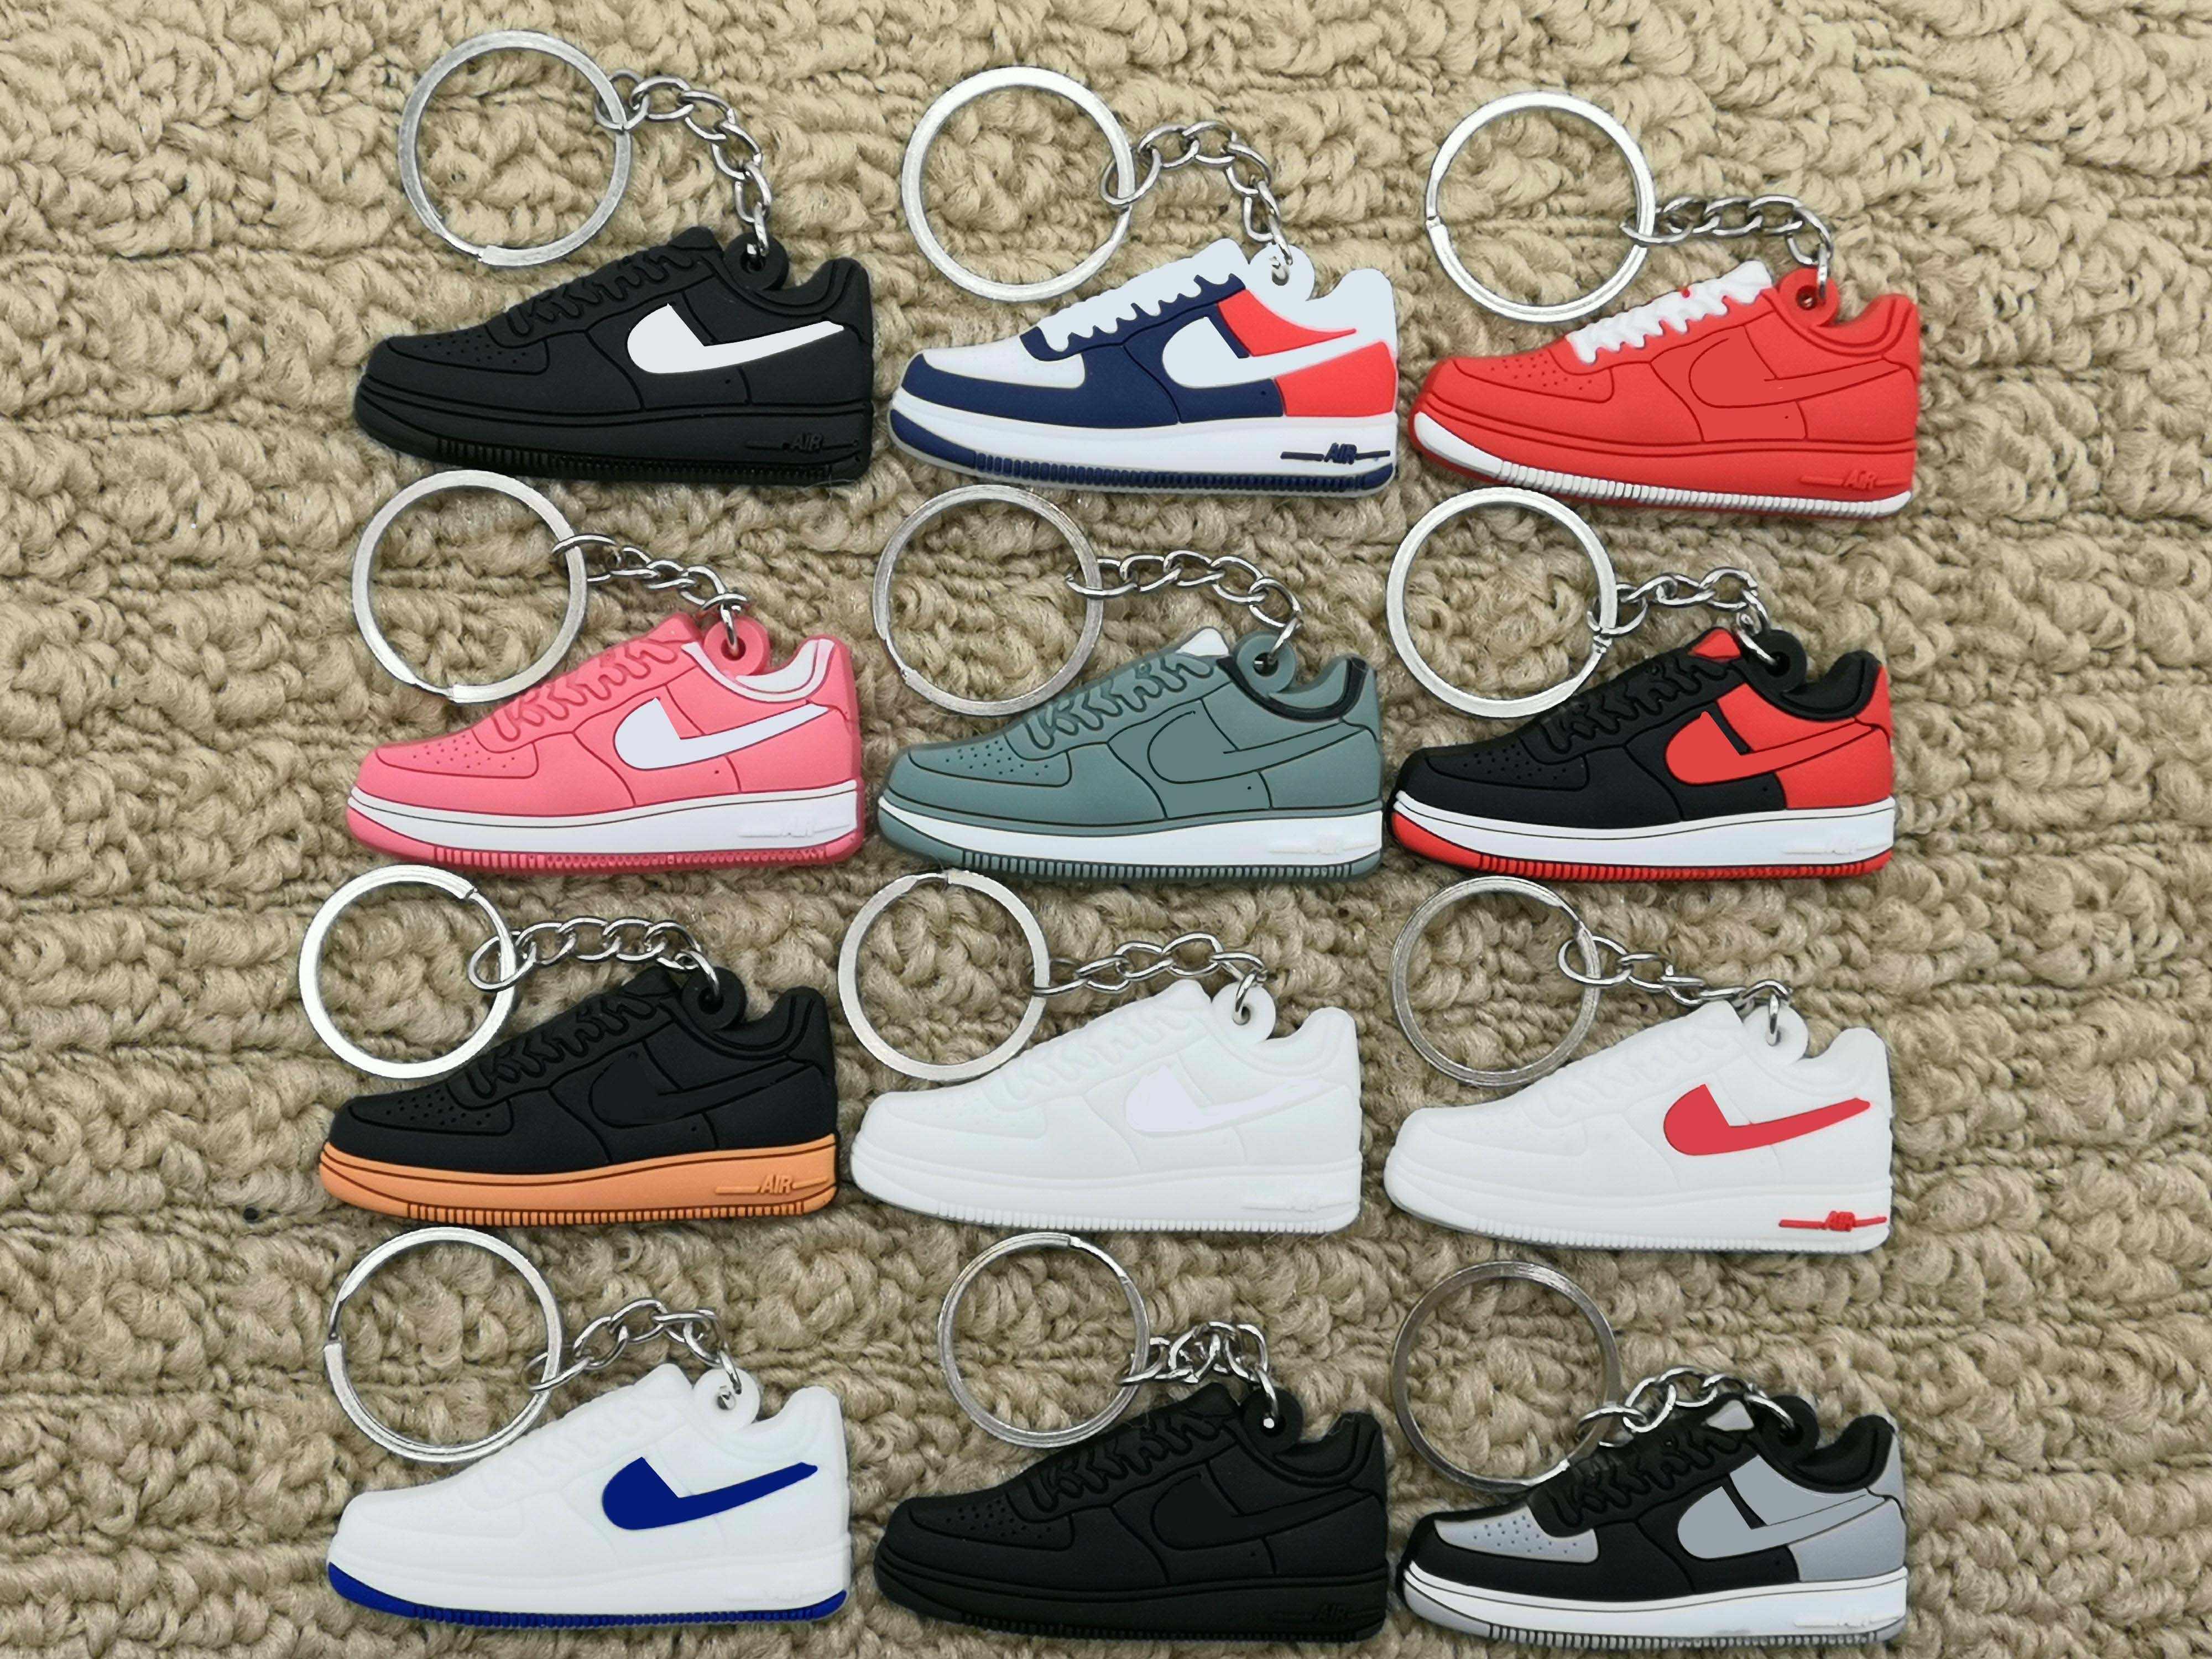 ขายร้อนน่ารักมินิซิลิโคน Air รองเท้าผ้าใบพวงกุญแจบาสเกตบอลรองเท้ากระเป๋าเป้สะพายหลังจี้ keyring ของขวัญ Creative FORCE พวงกุญแจรองเท้า